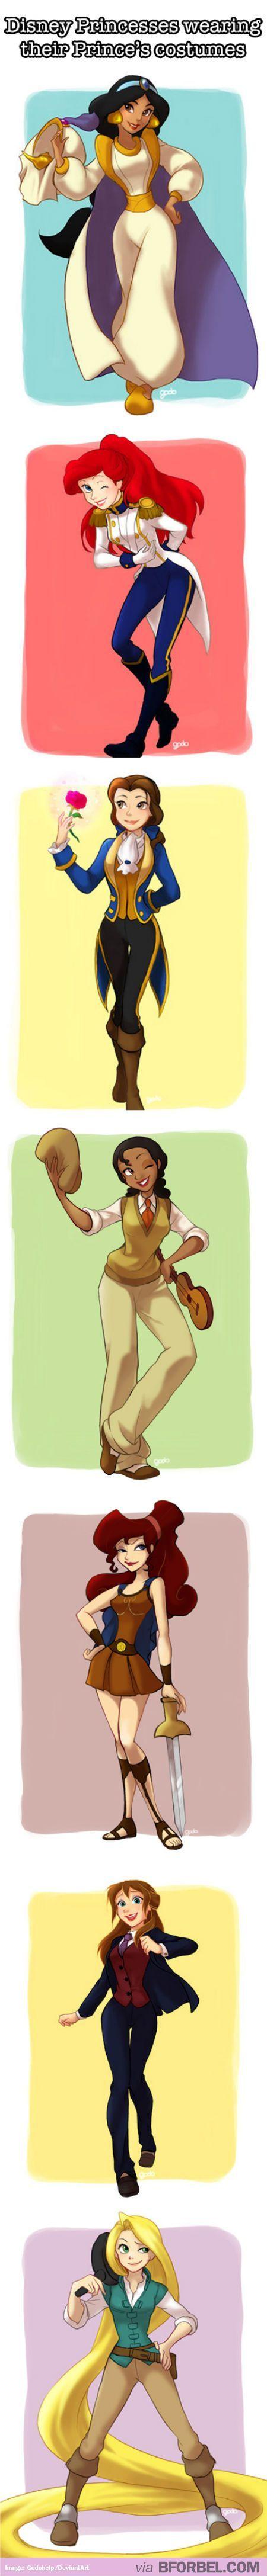 Gli Arcani Supremi (Vox clamantis in deserto - Gothian): Le Principesse Disney in abiti maschili